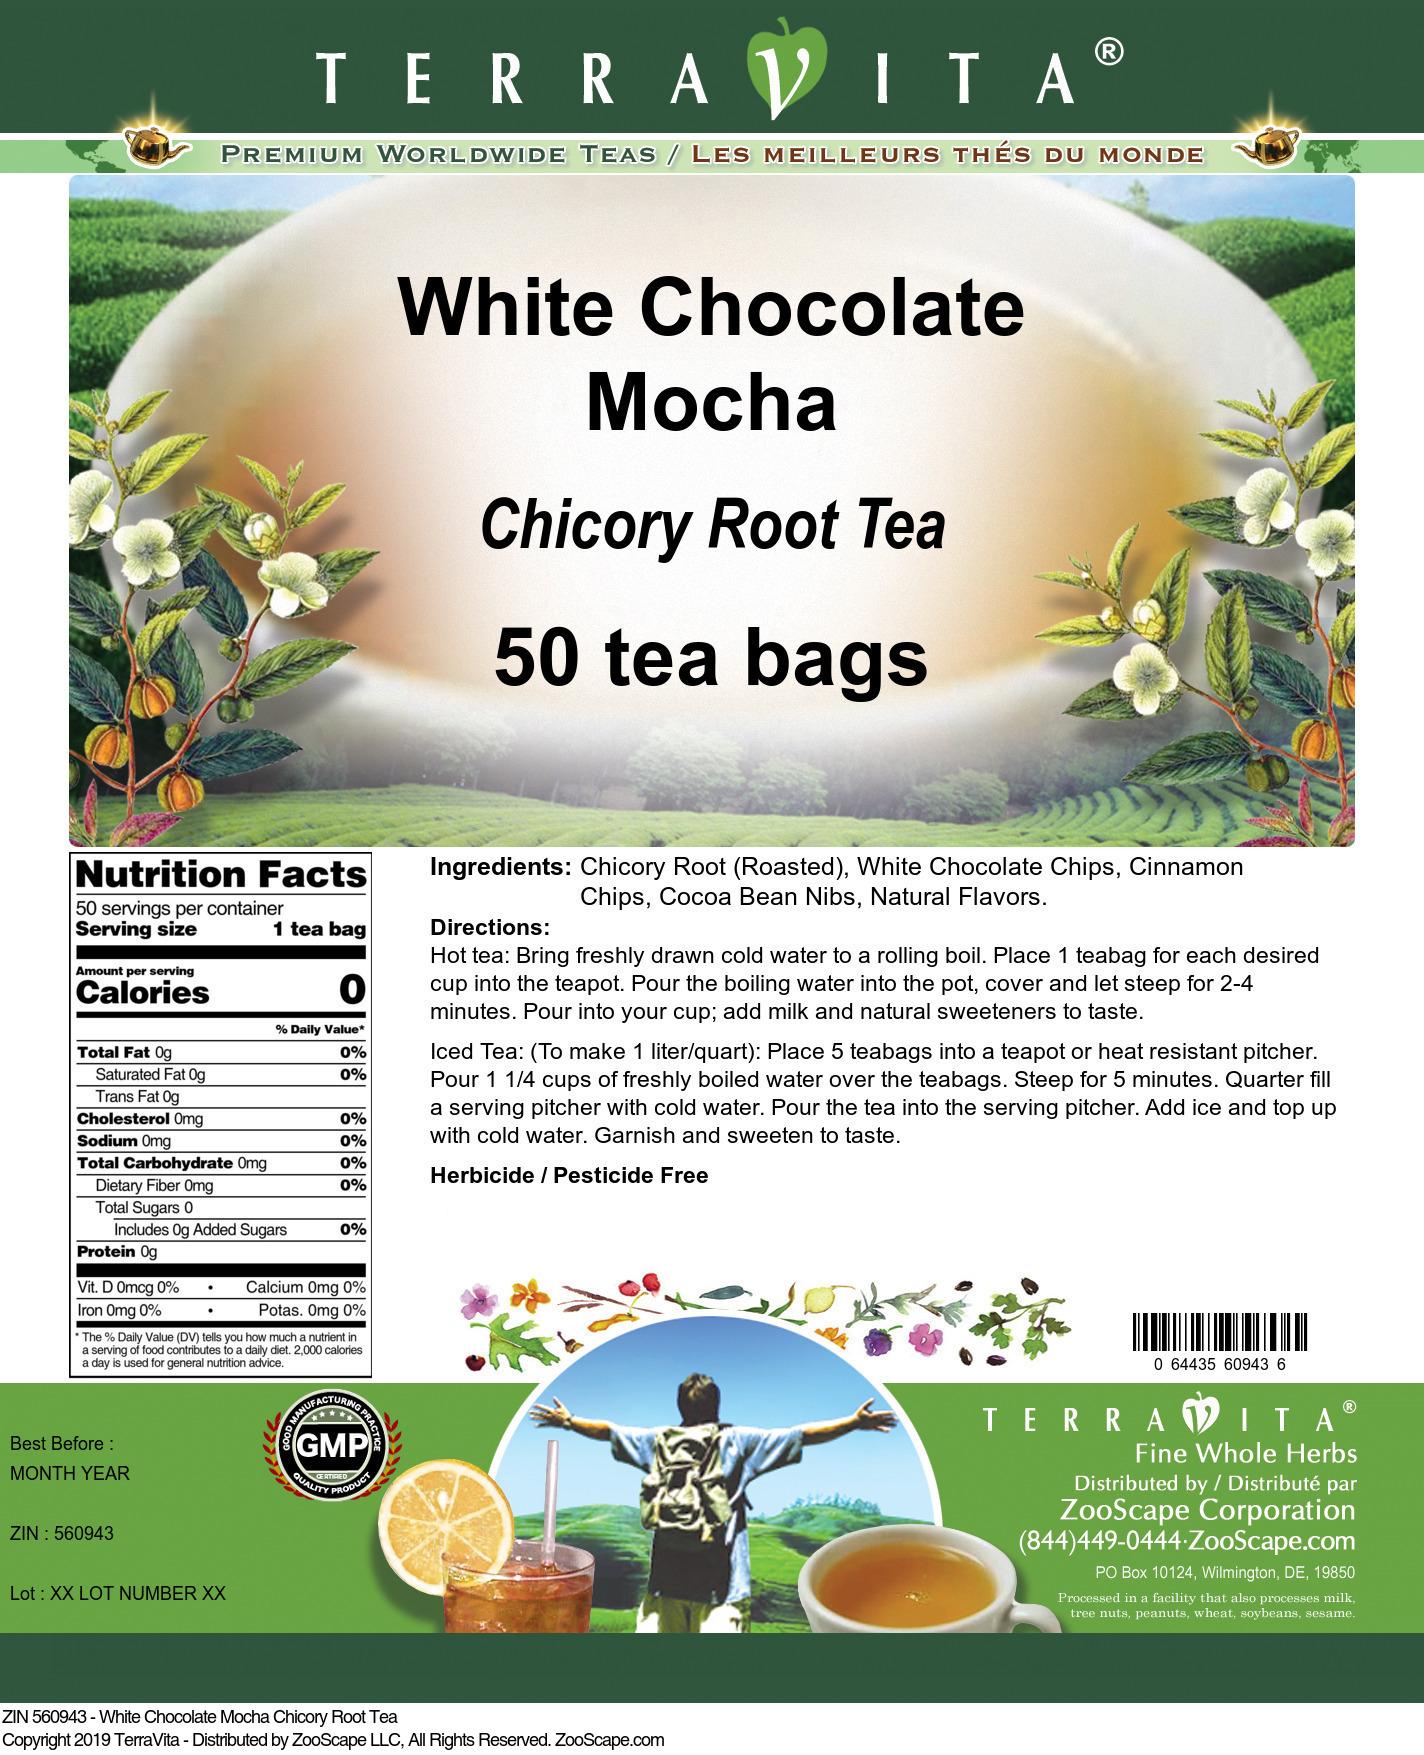 White Chocolate Mocha Chicory Root